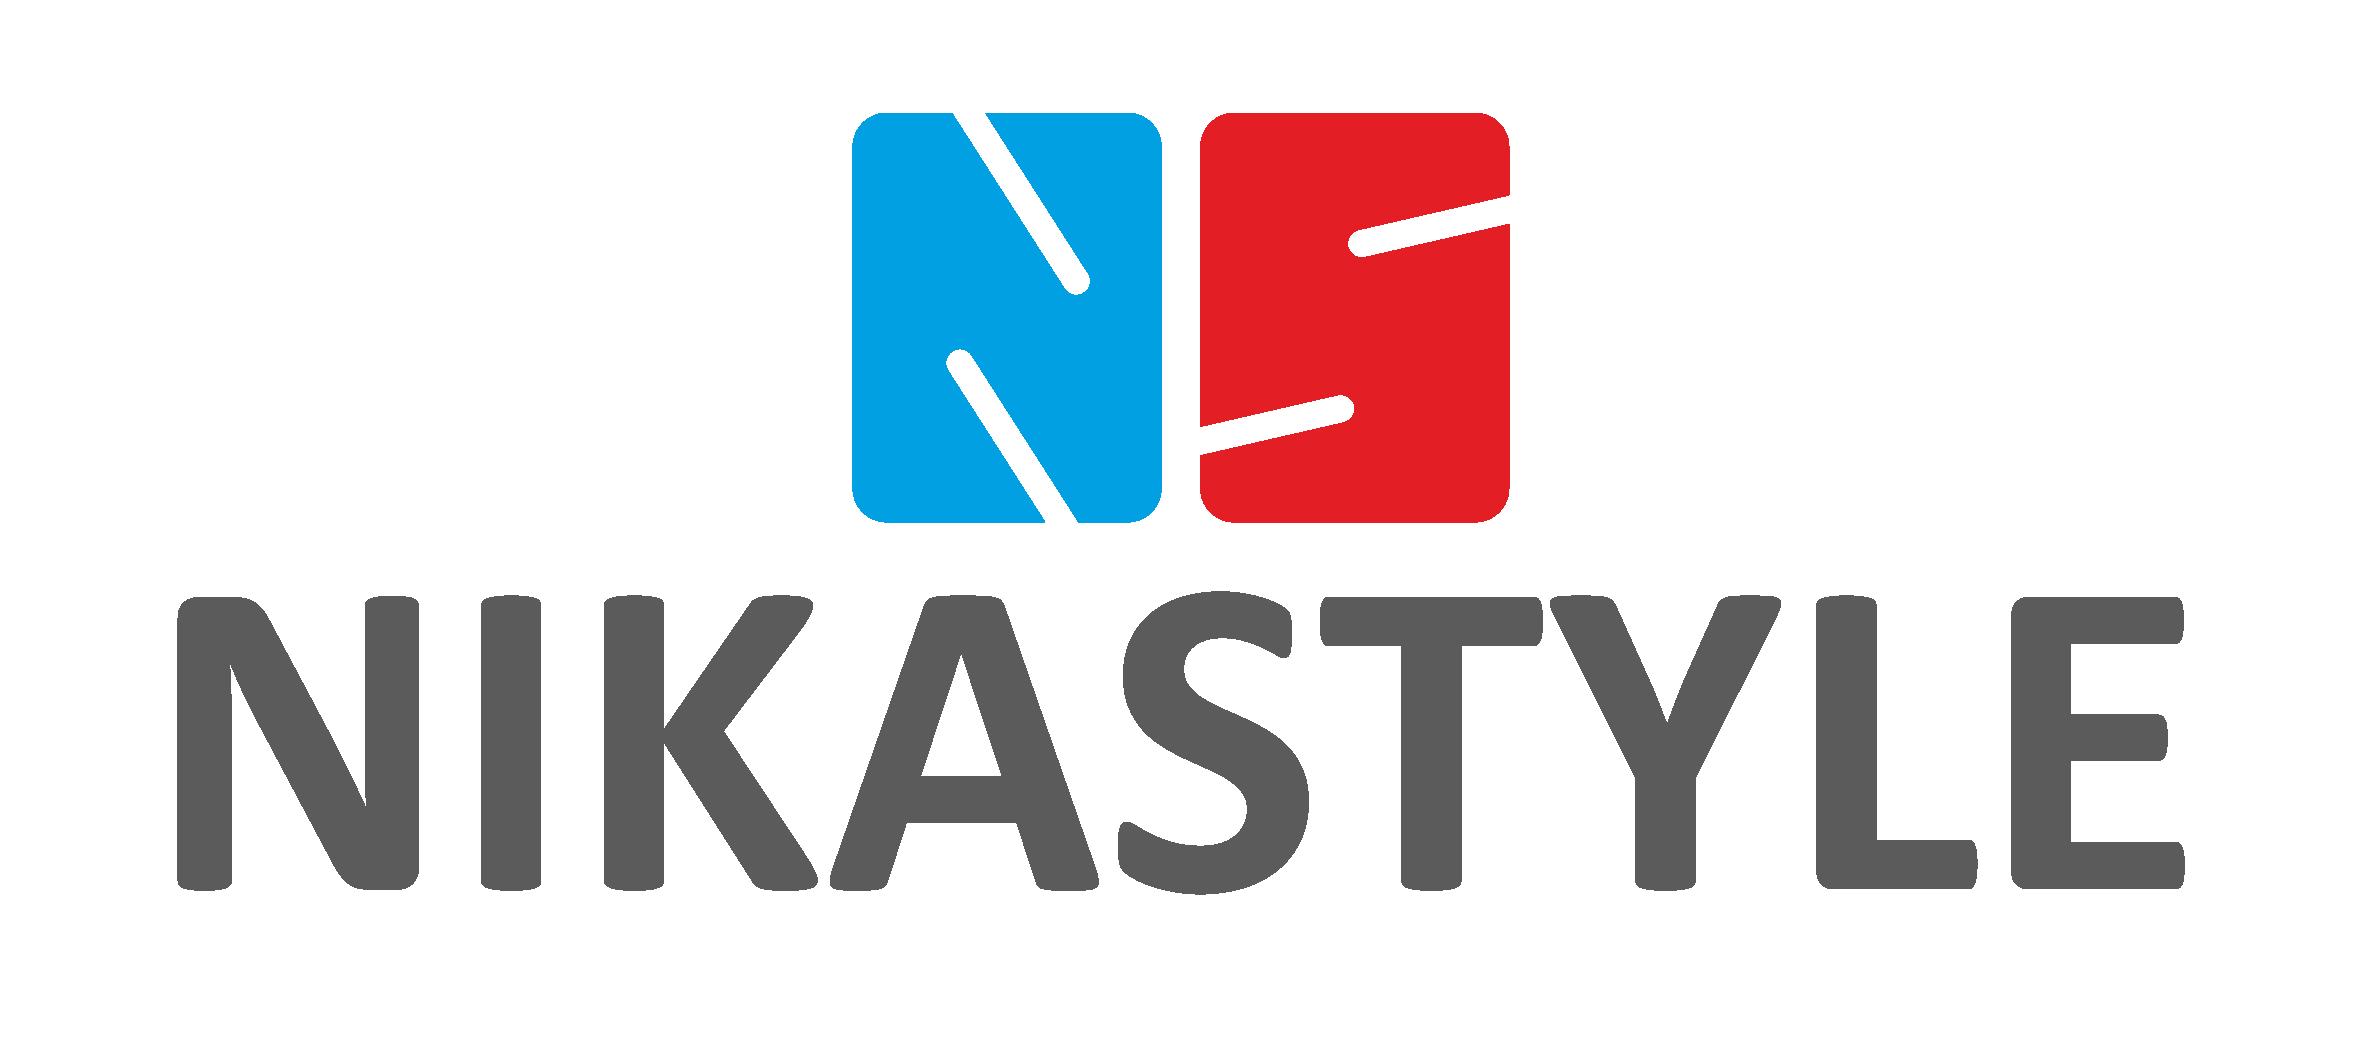 (c) Nikastyle.ru